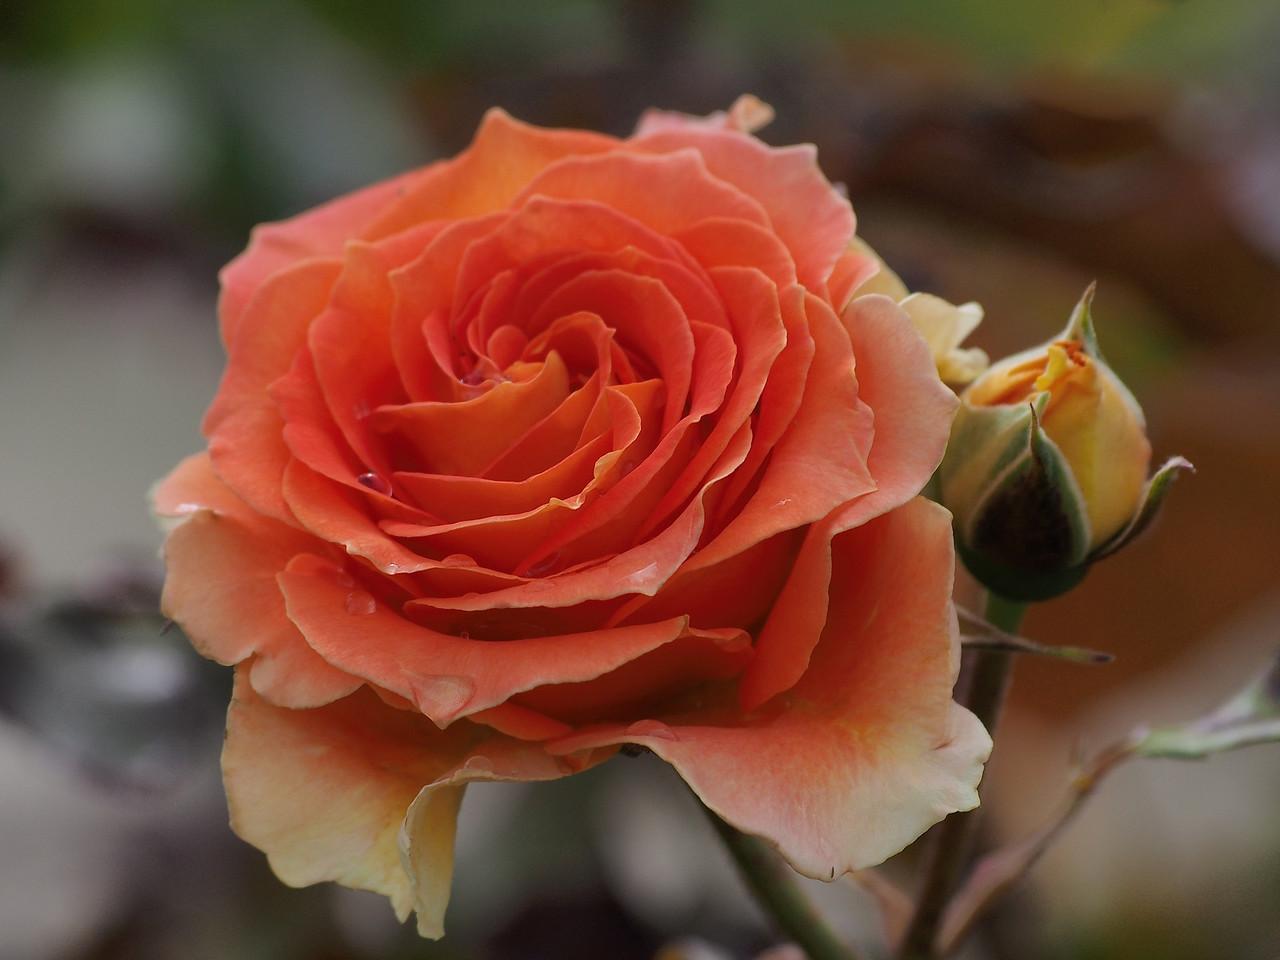 20131227_1009_1038 rose